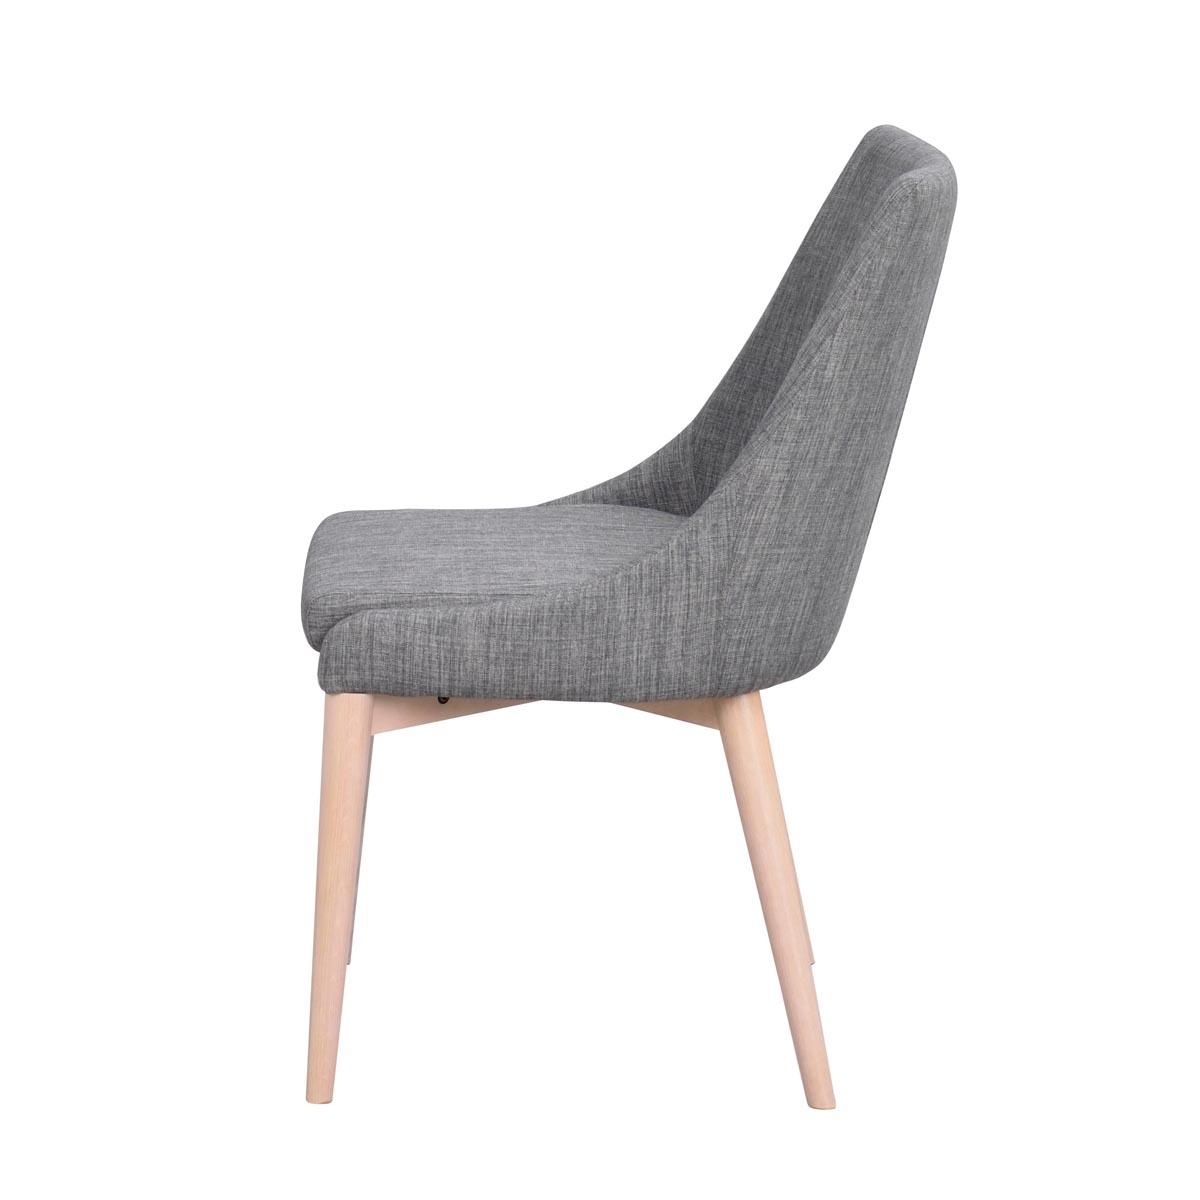 Bea-stol-mörkgrått-tyg_wwR-118322_c